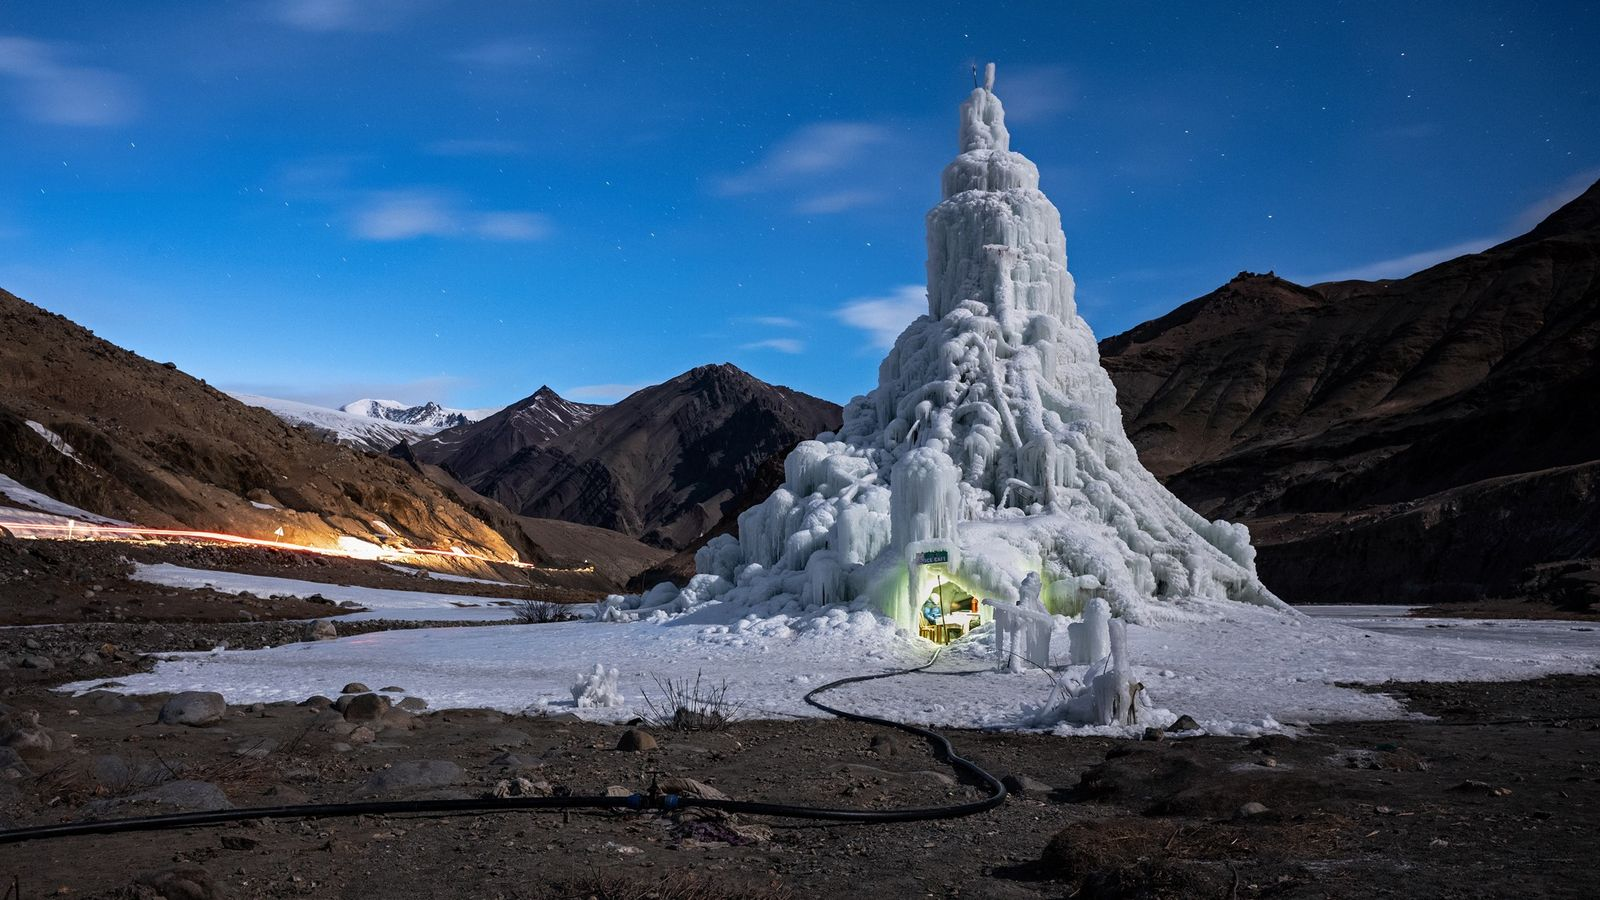 Réservoir et bar - Des stupas de glace stockent les eaux de fonte hivernales pour arroser les ...